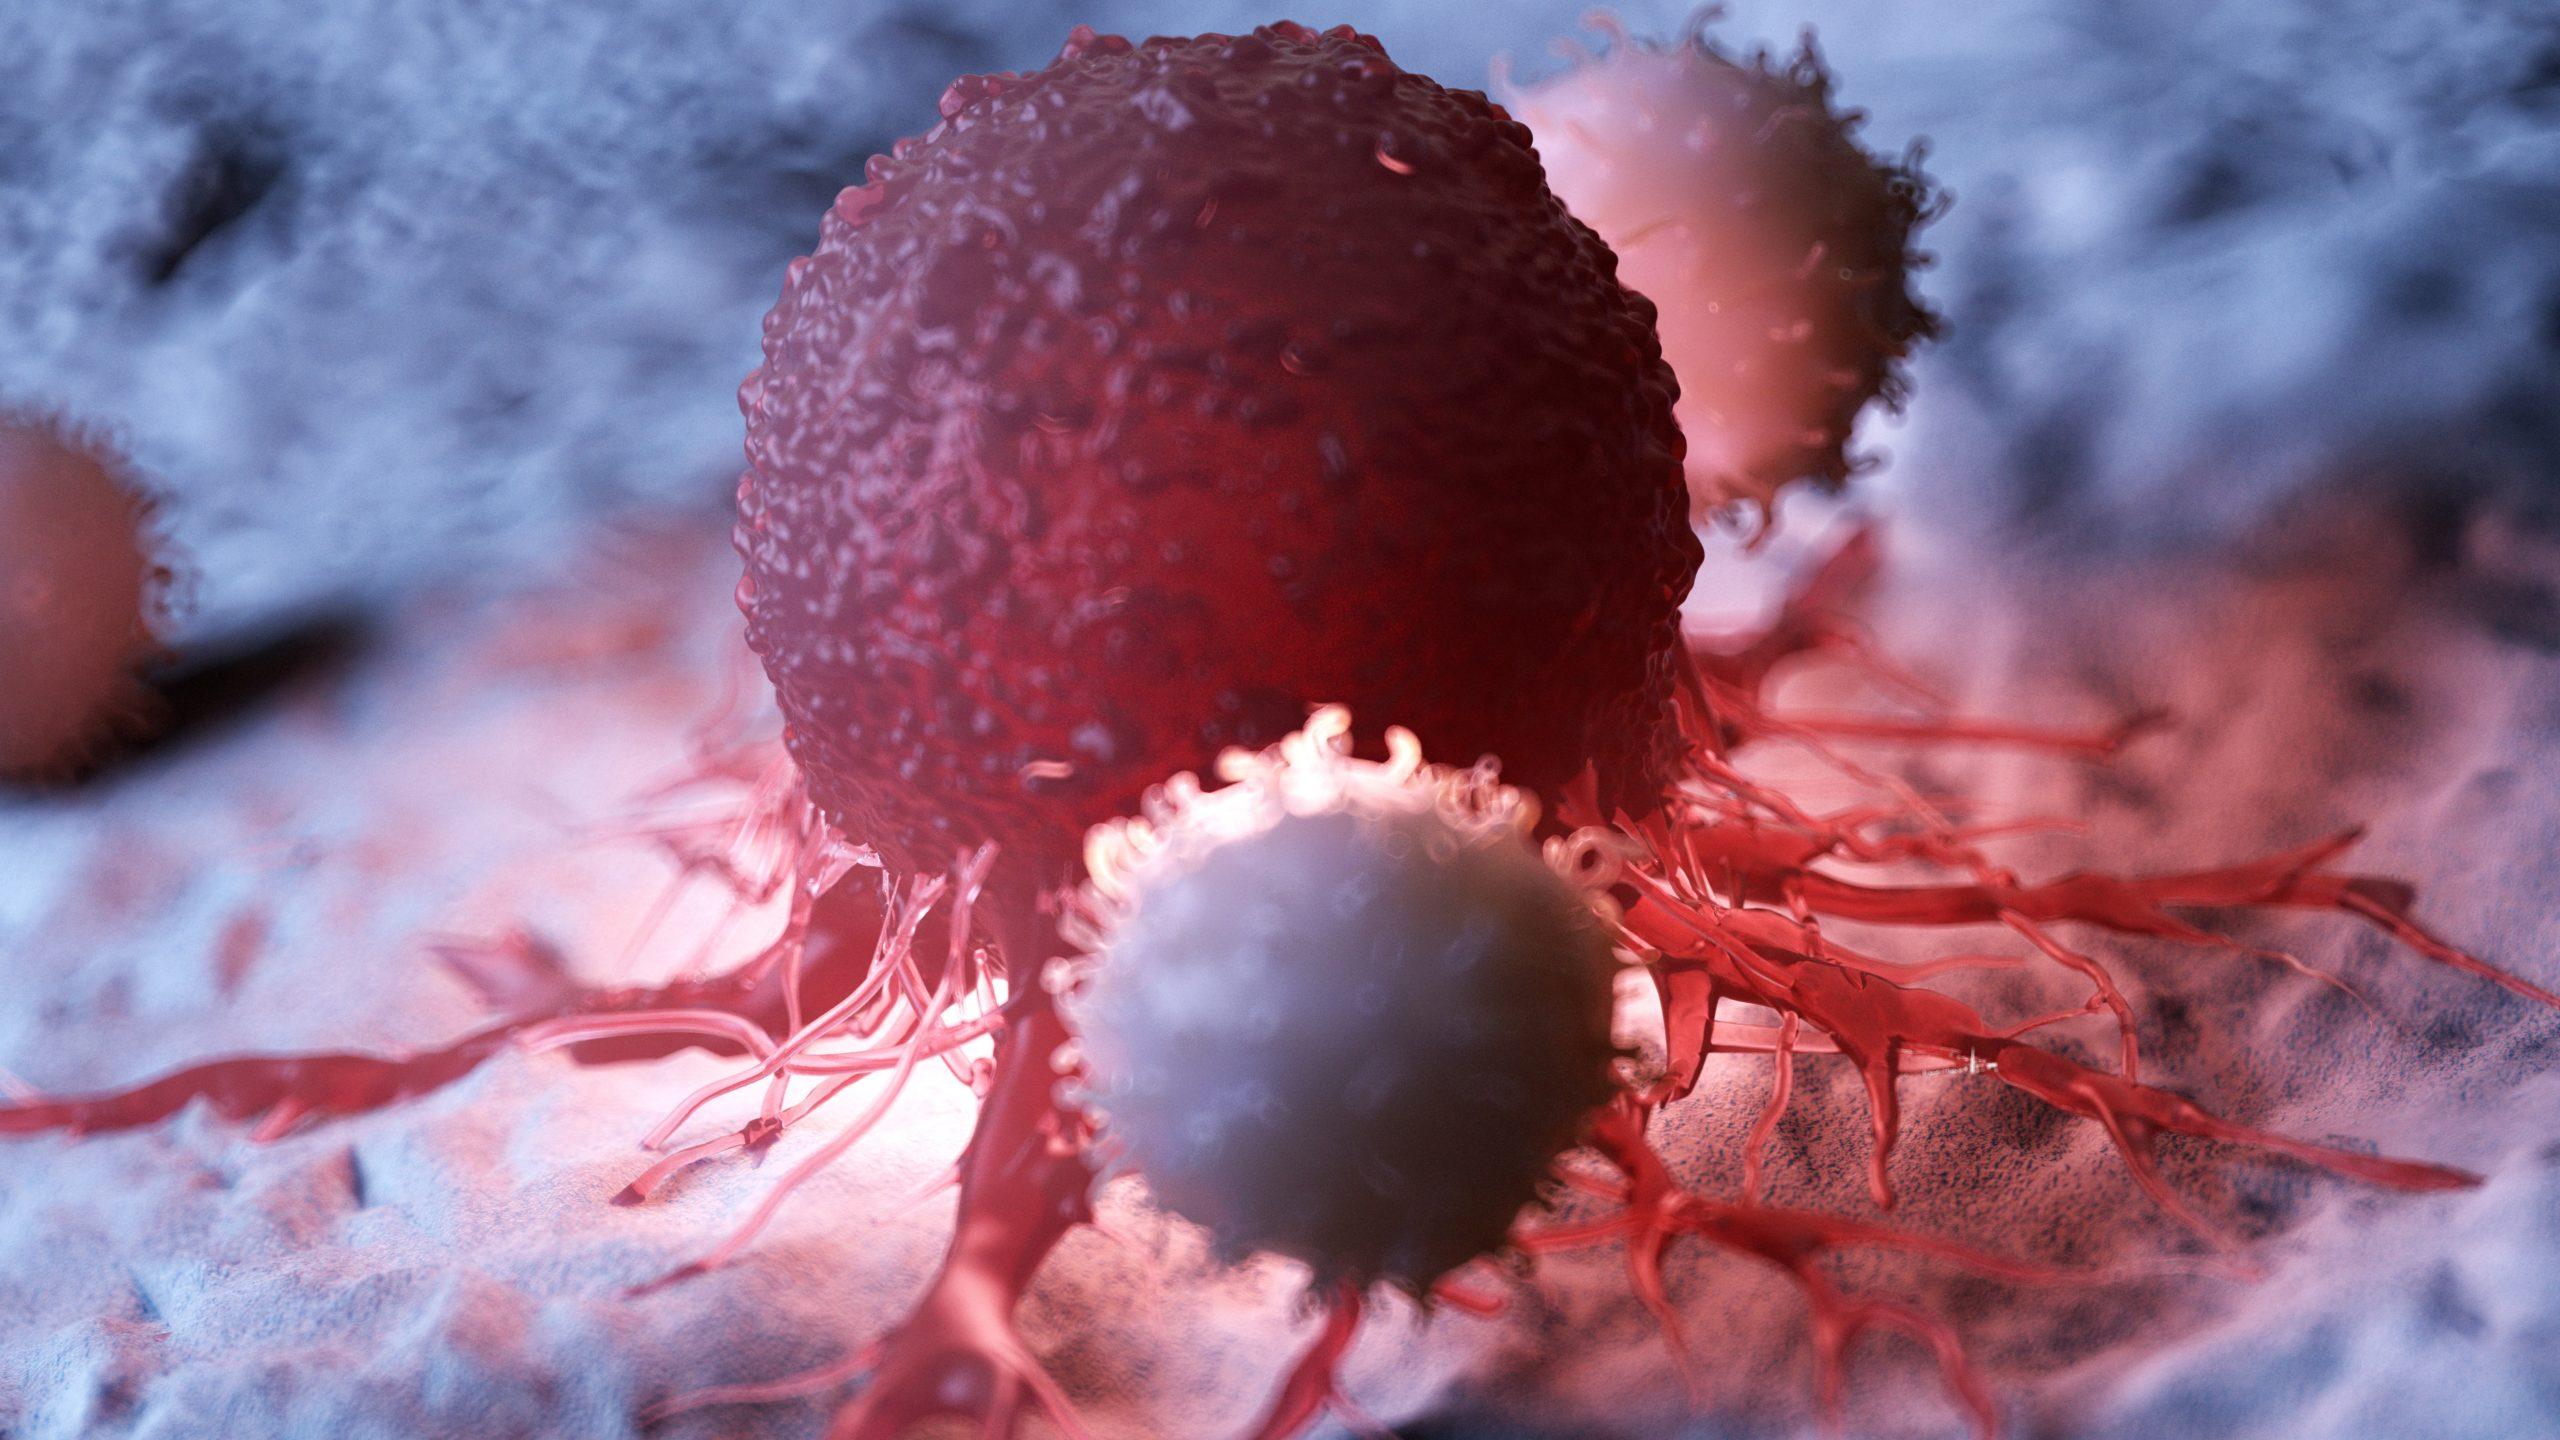 Καρκίνος: Μελλοντικές θεραπείες του καρκίνου θα μπορούσαν να βασίζονται στην αναστολή της καρκινικής αυτοφαγίας